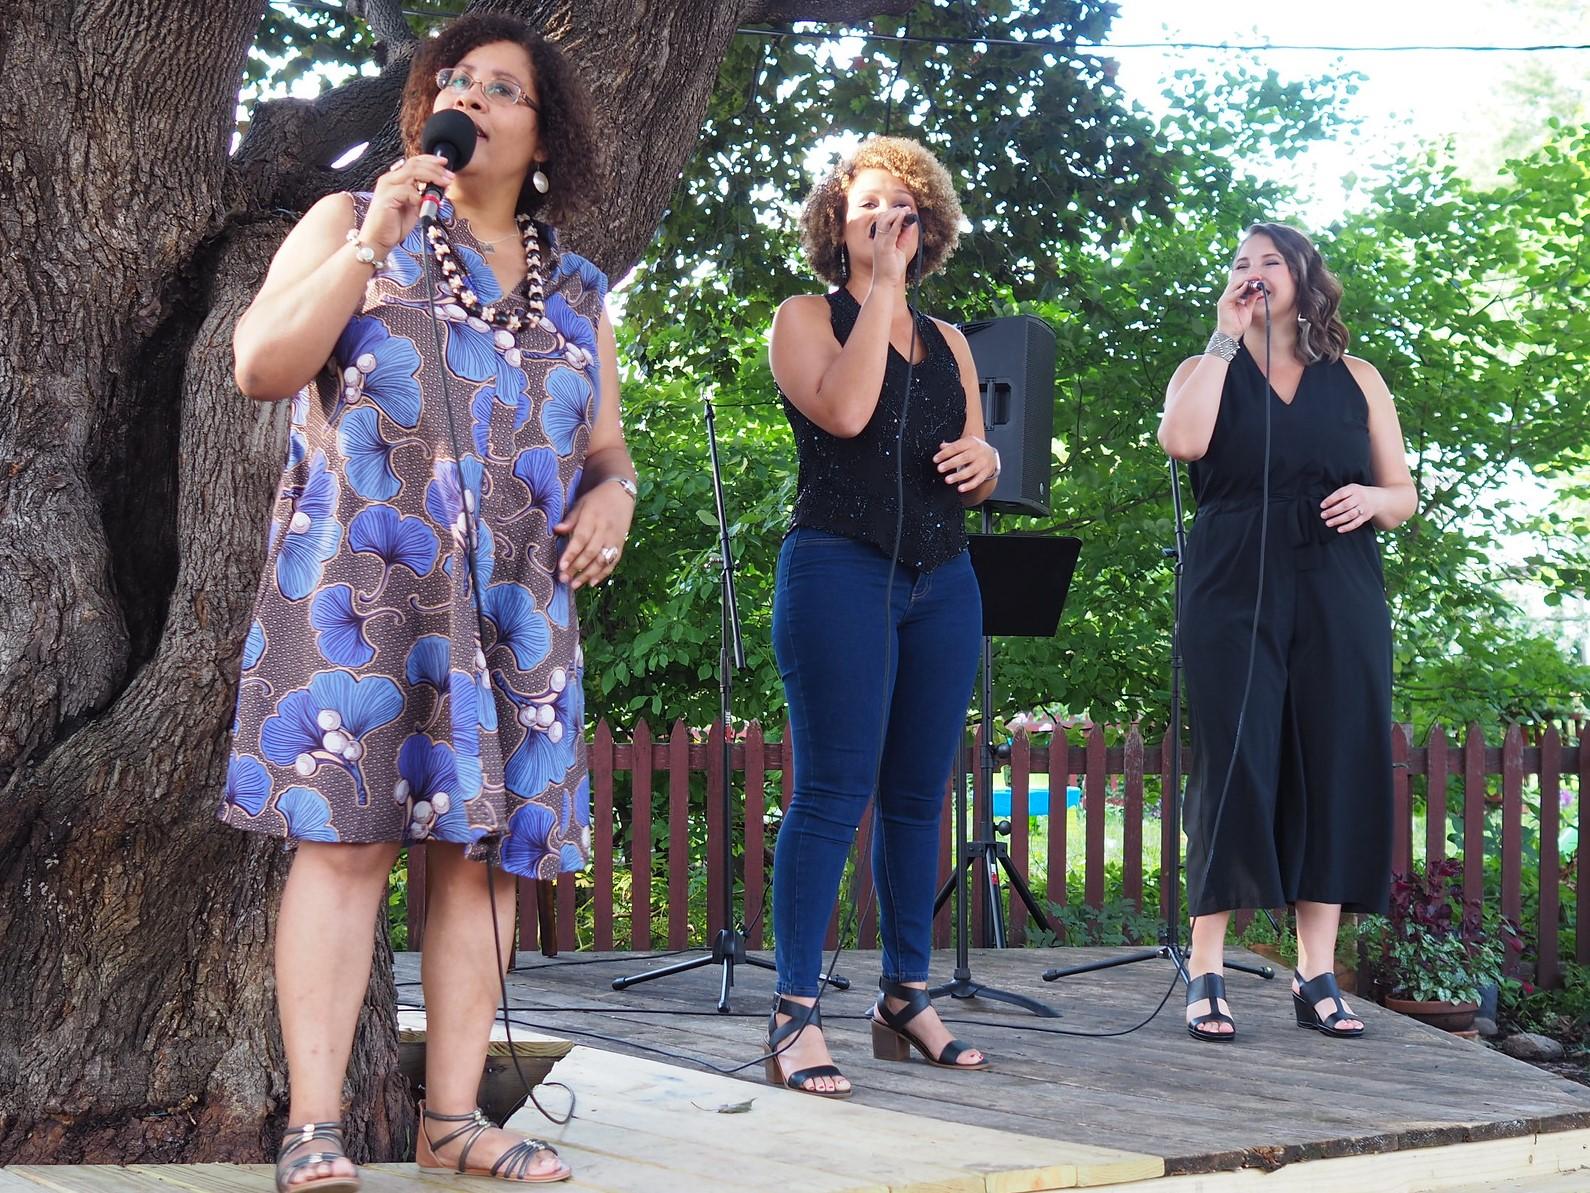 Caption: Sarah M Greer, Katrina Brogden and Katia Cardenas, Credit: Jenny Zander